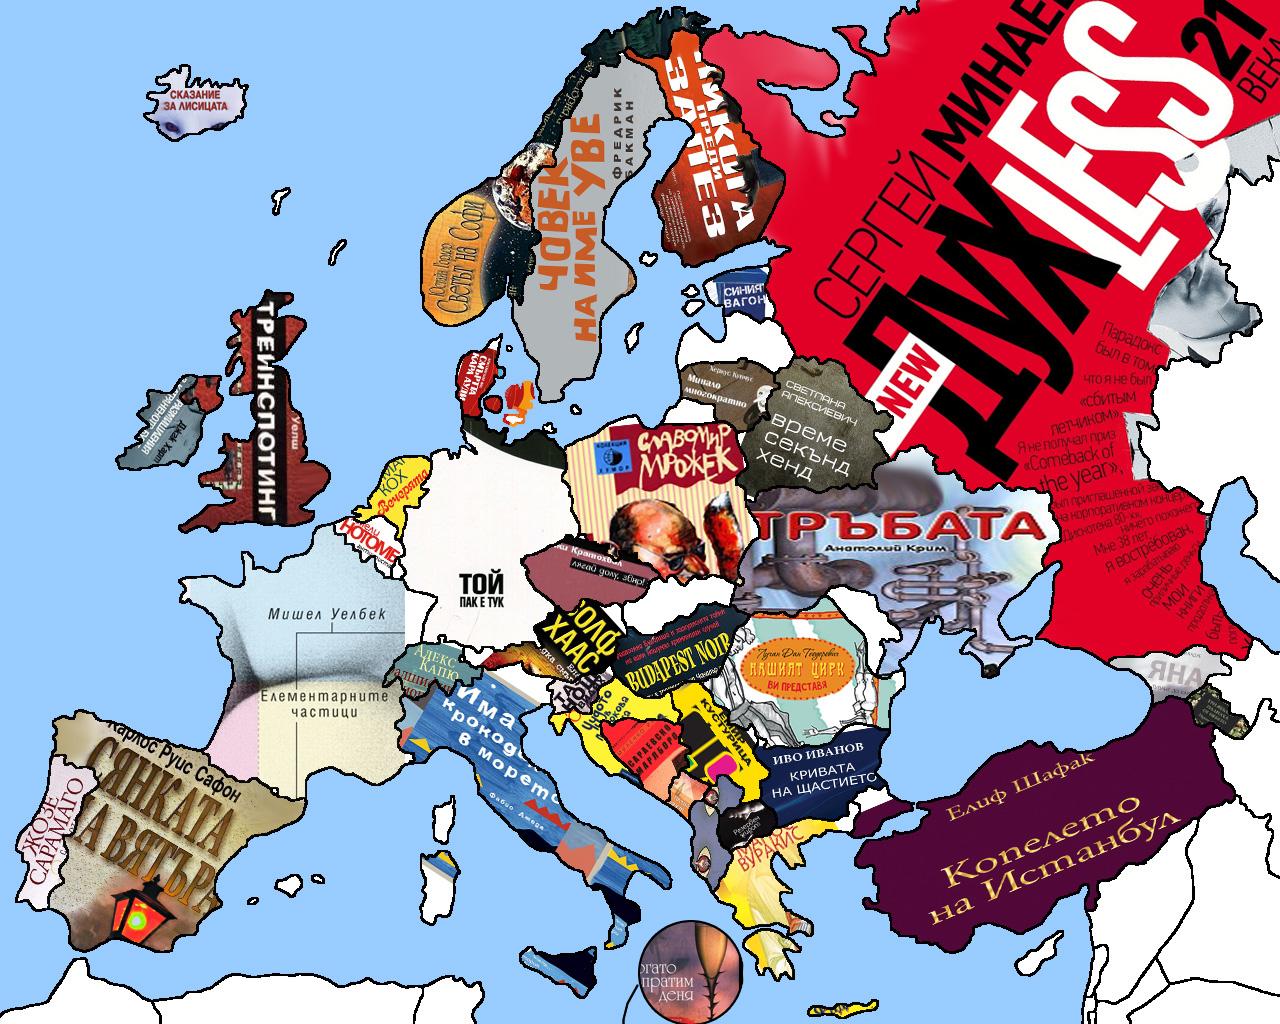 The Euro Book Trip